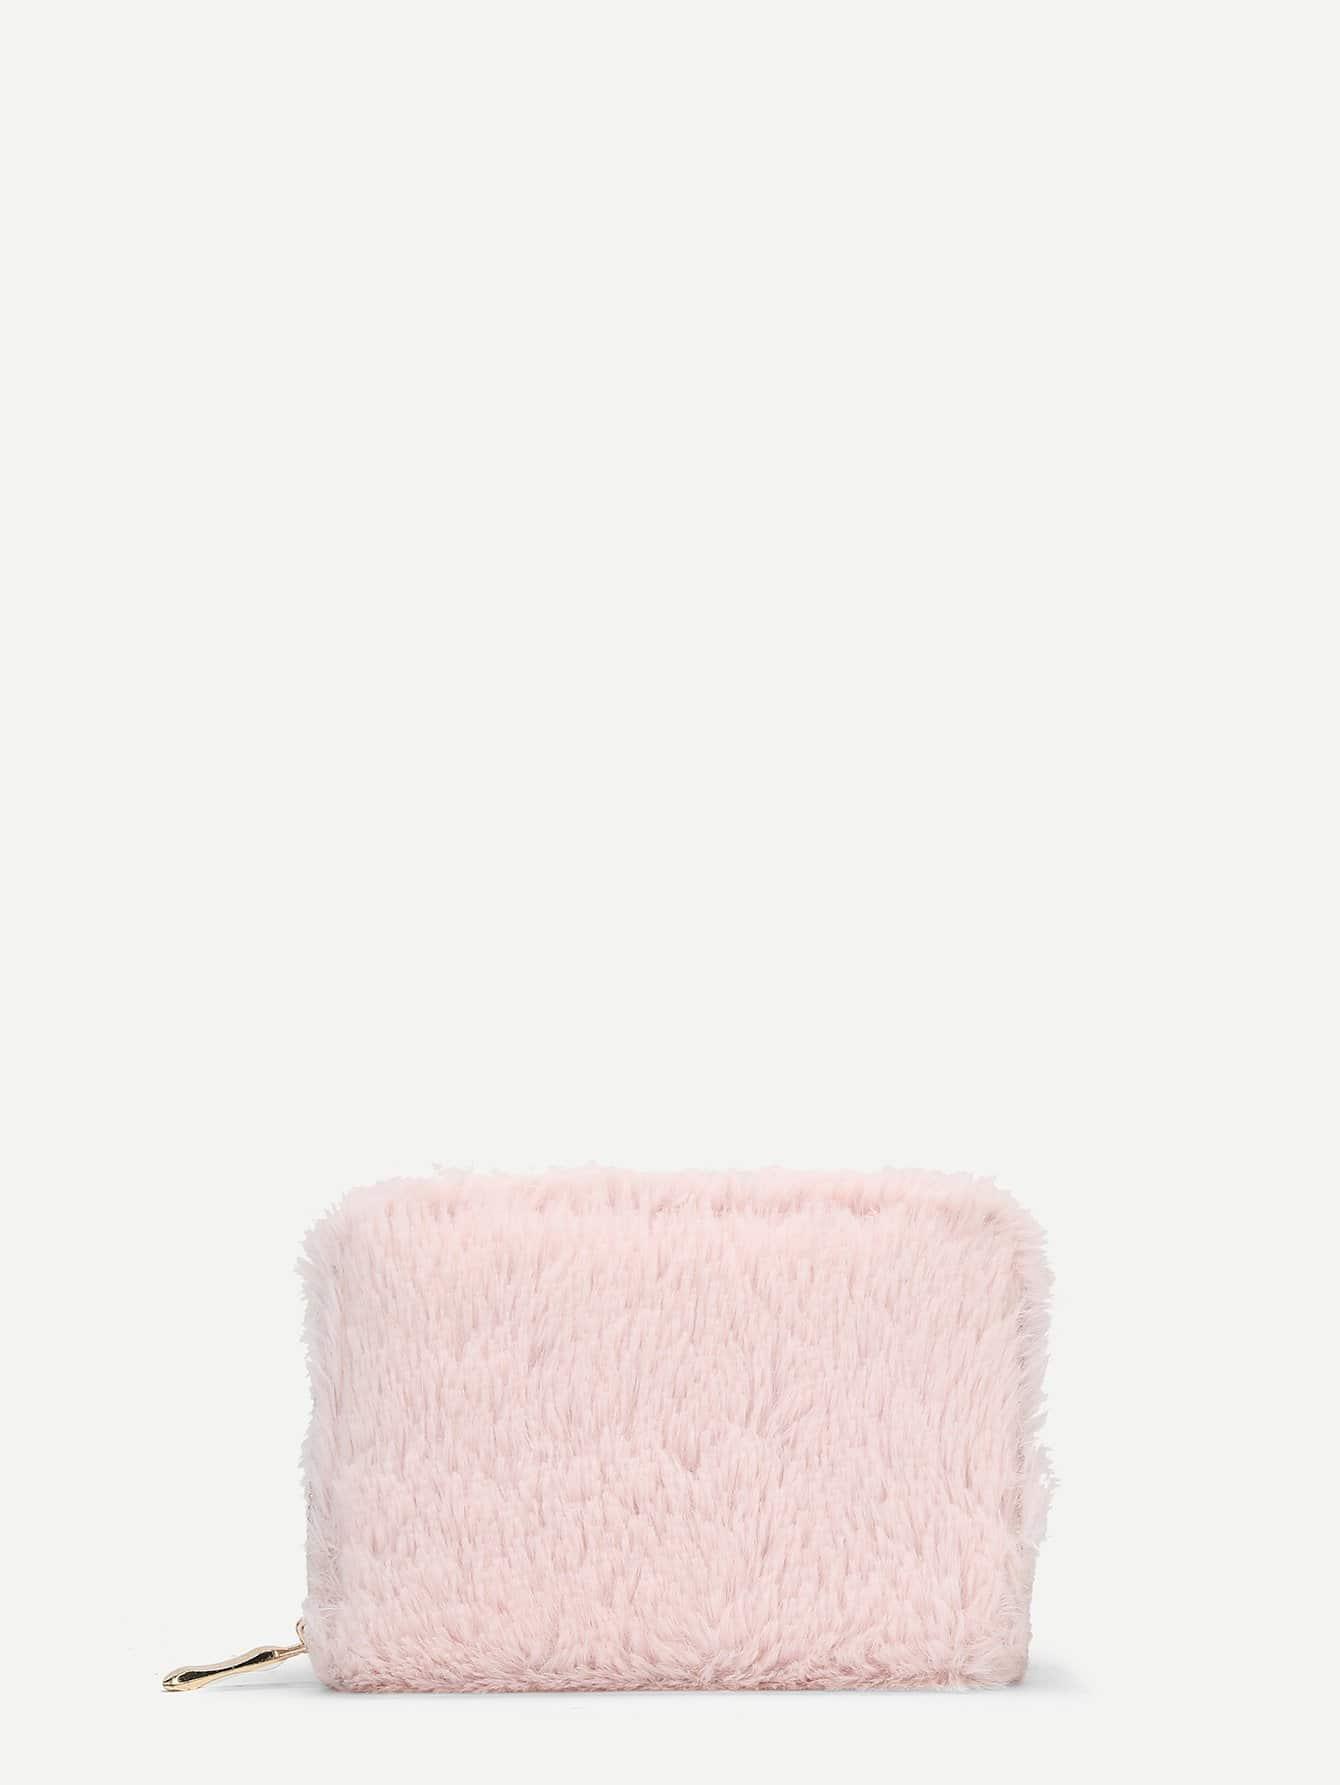 Купить Мех Кошелькиипортмоне розовый Сумки, null, SheIn